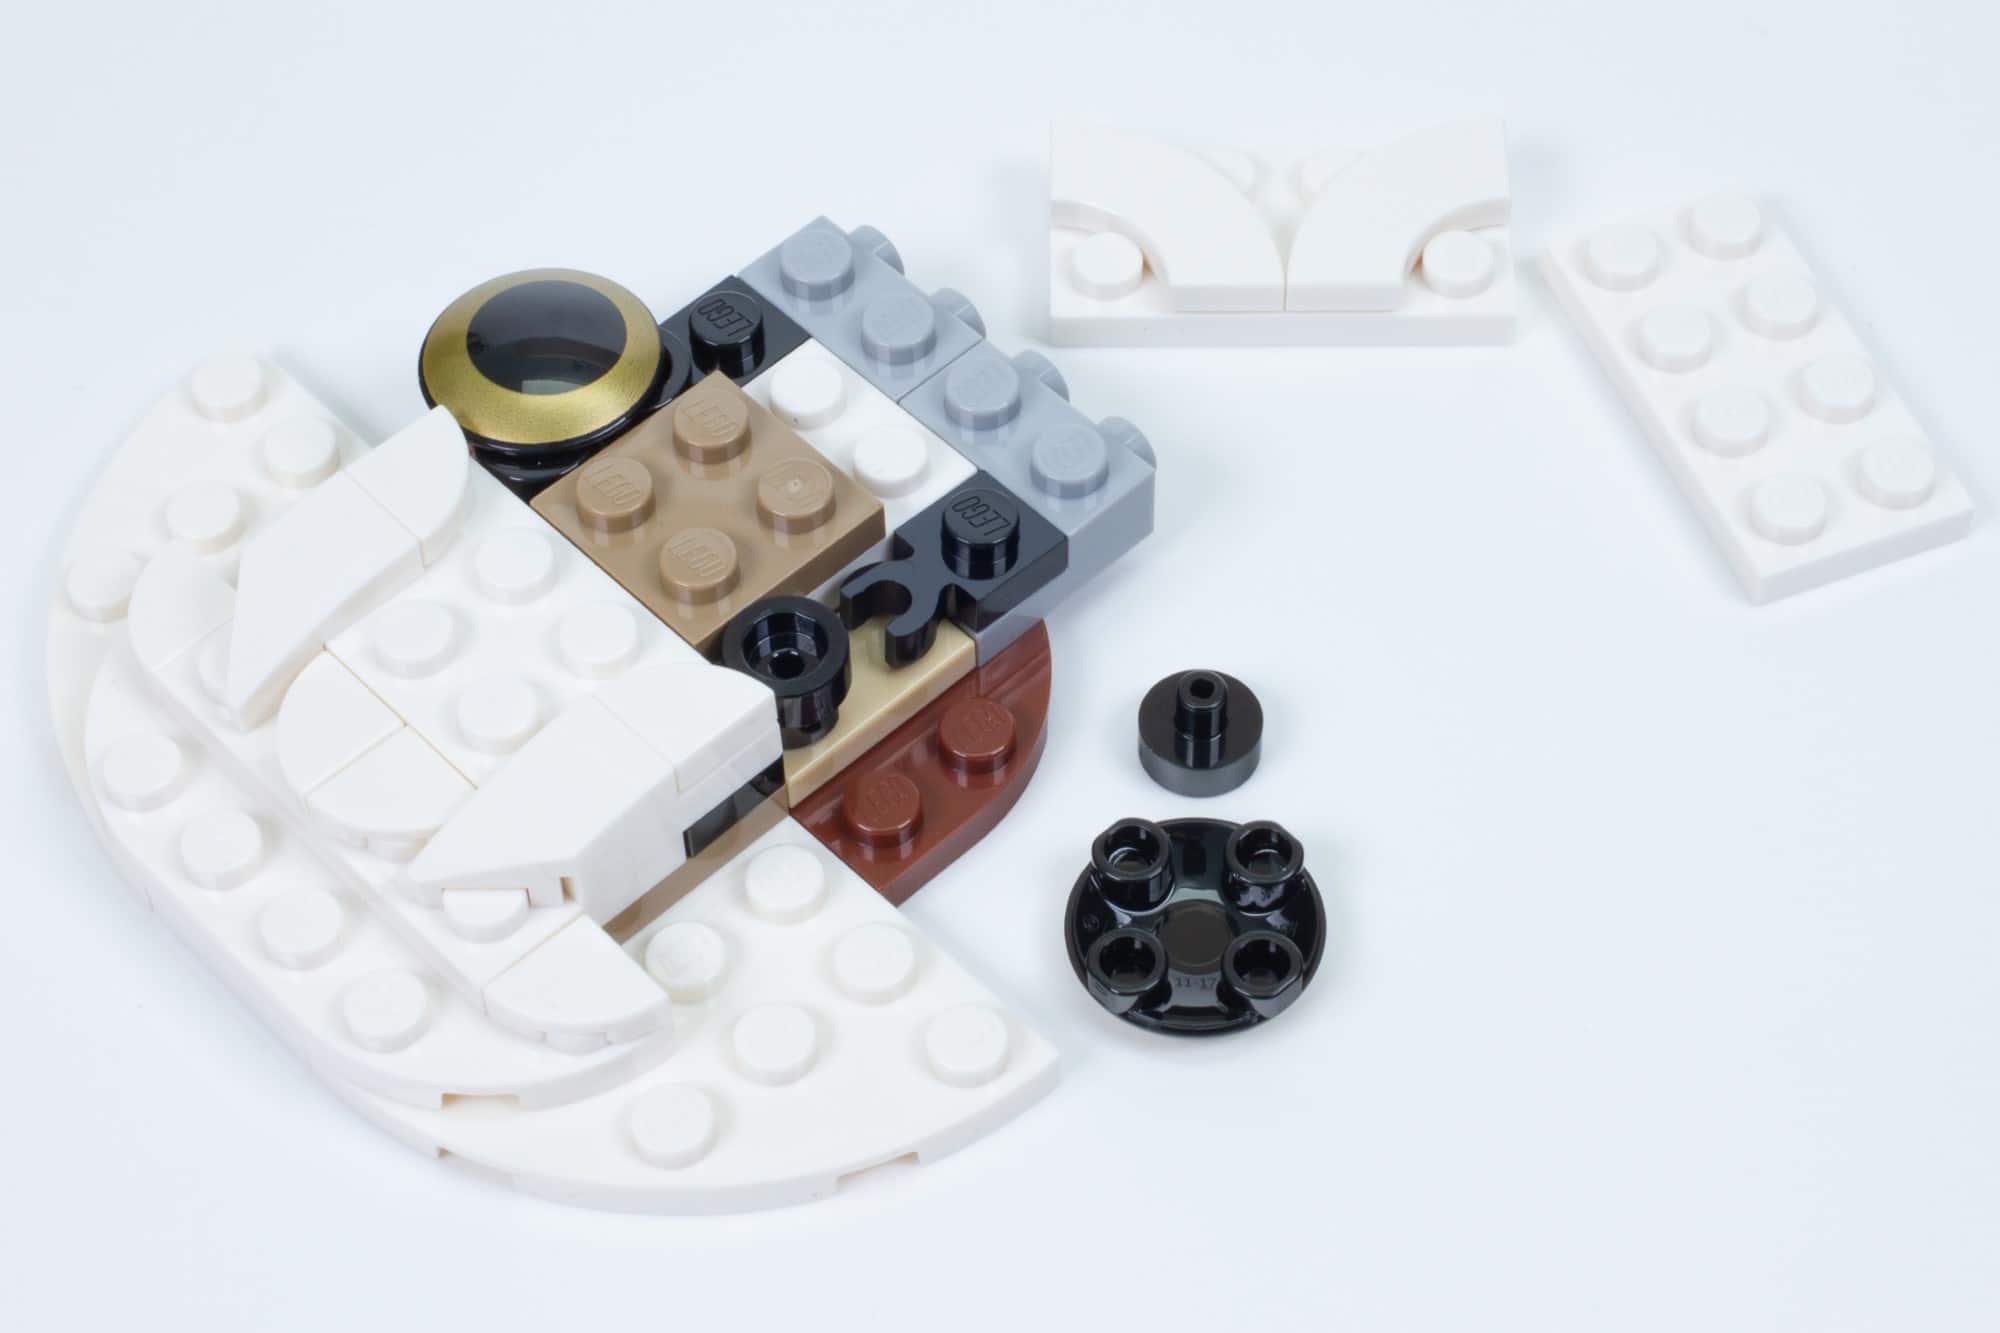 LEGO 76391 Hogwarts Icons Review Schritt 16 1